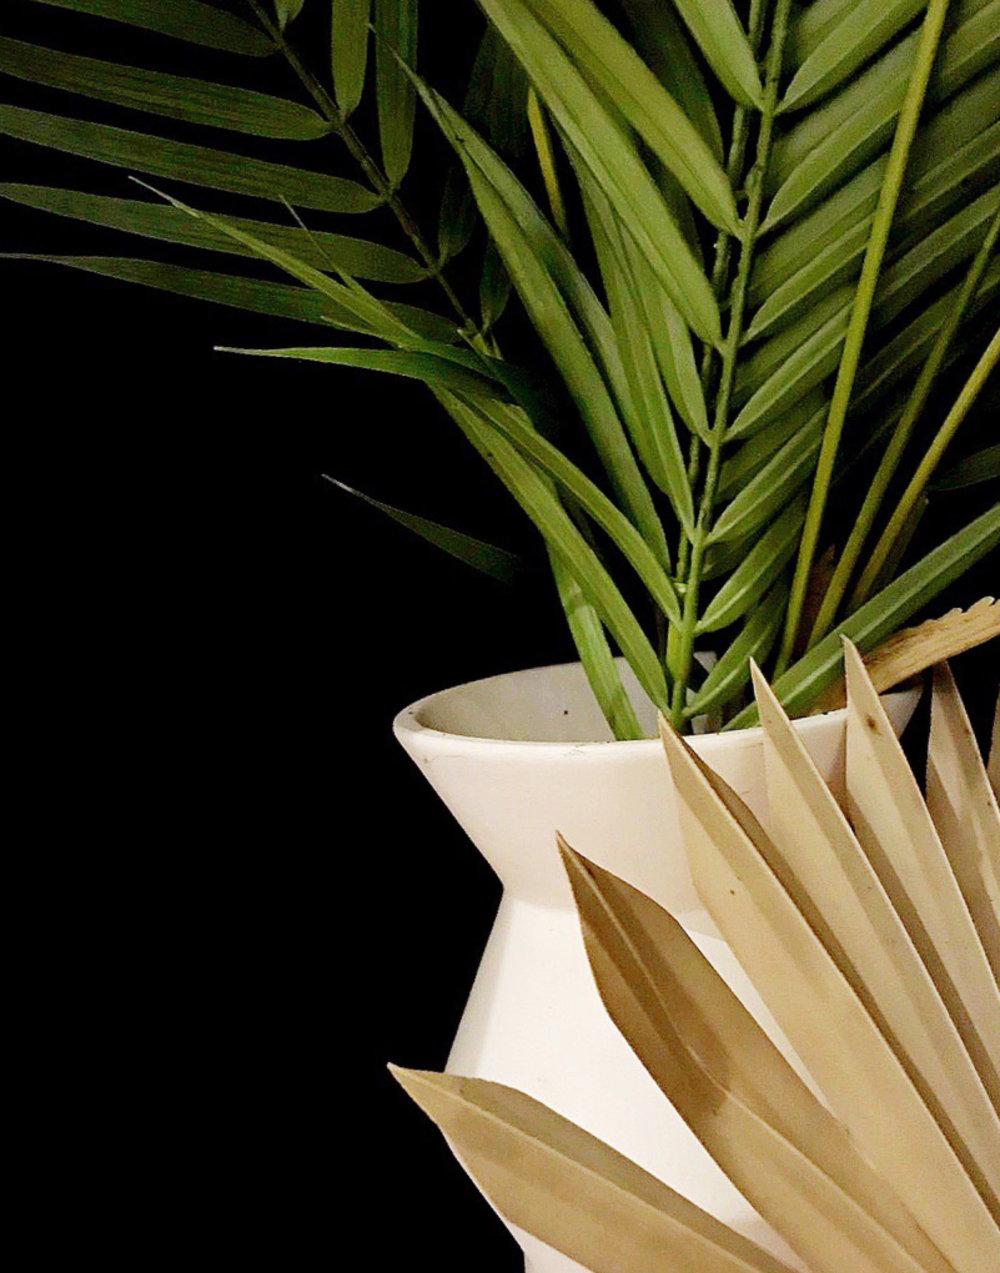 plantttts.jpg